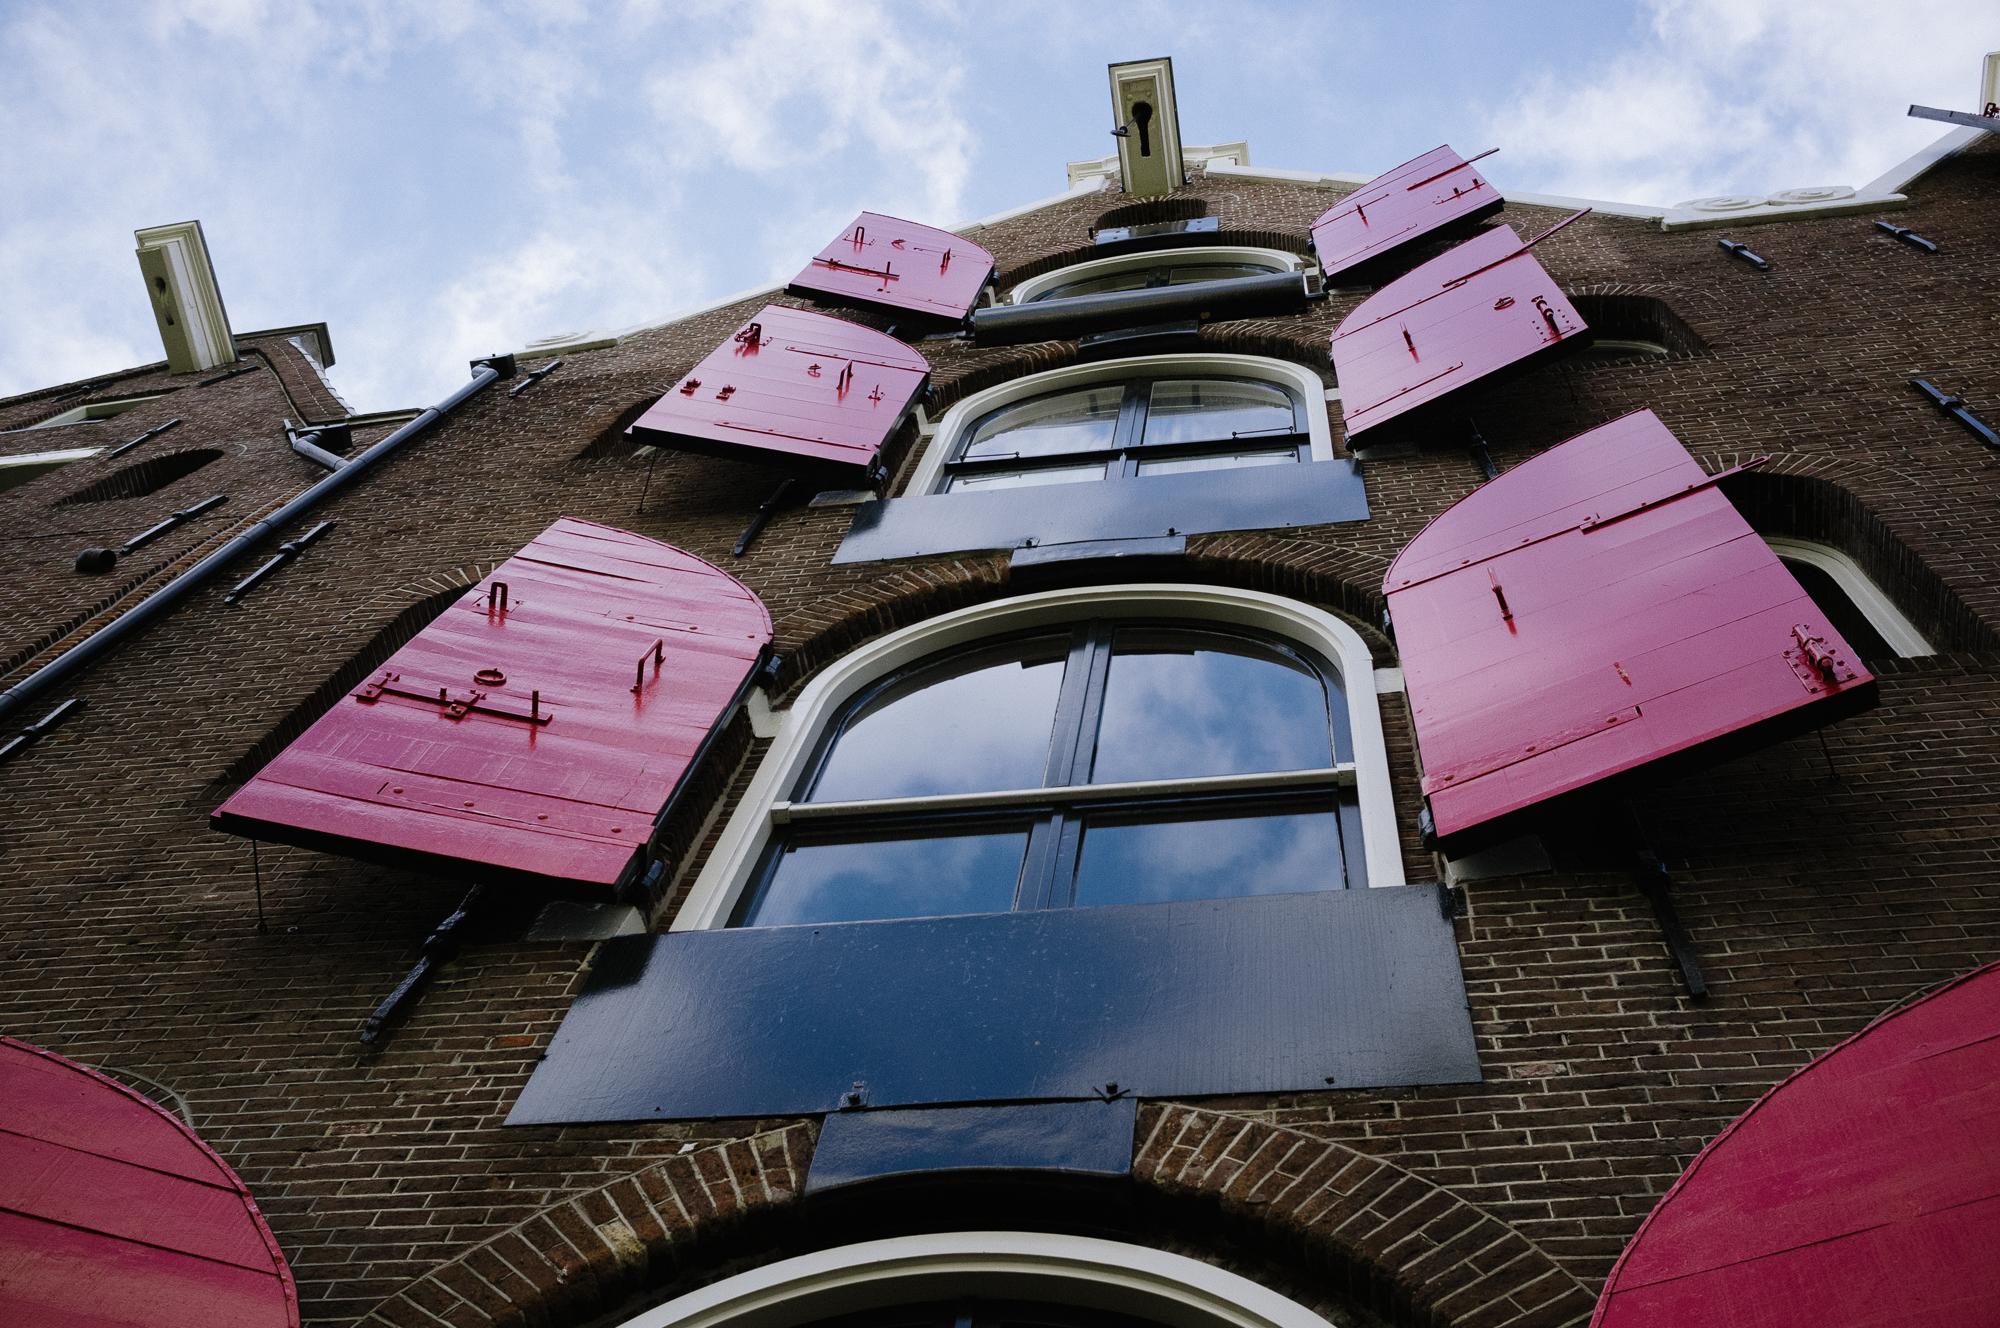 Jordaan, Amsterdam / Fuji x100